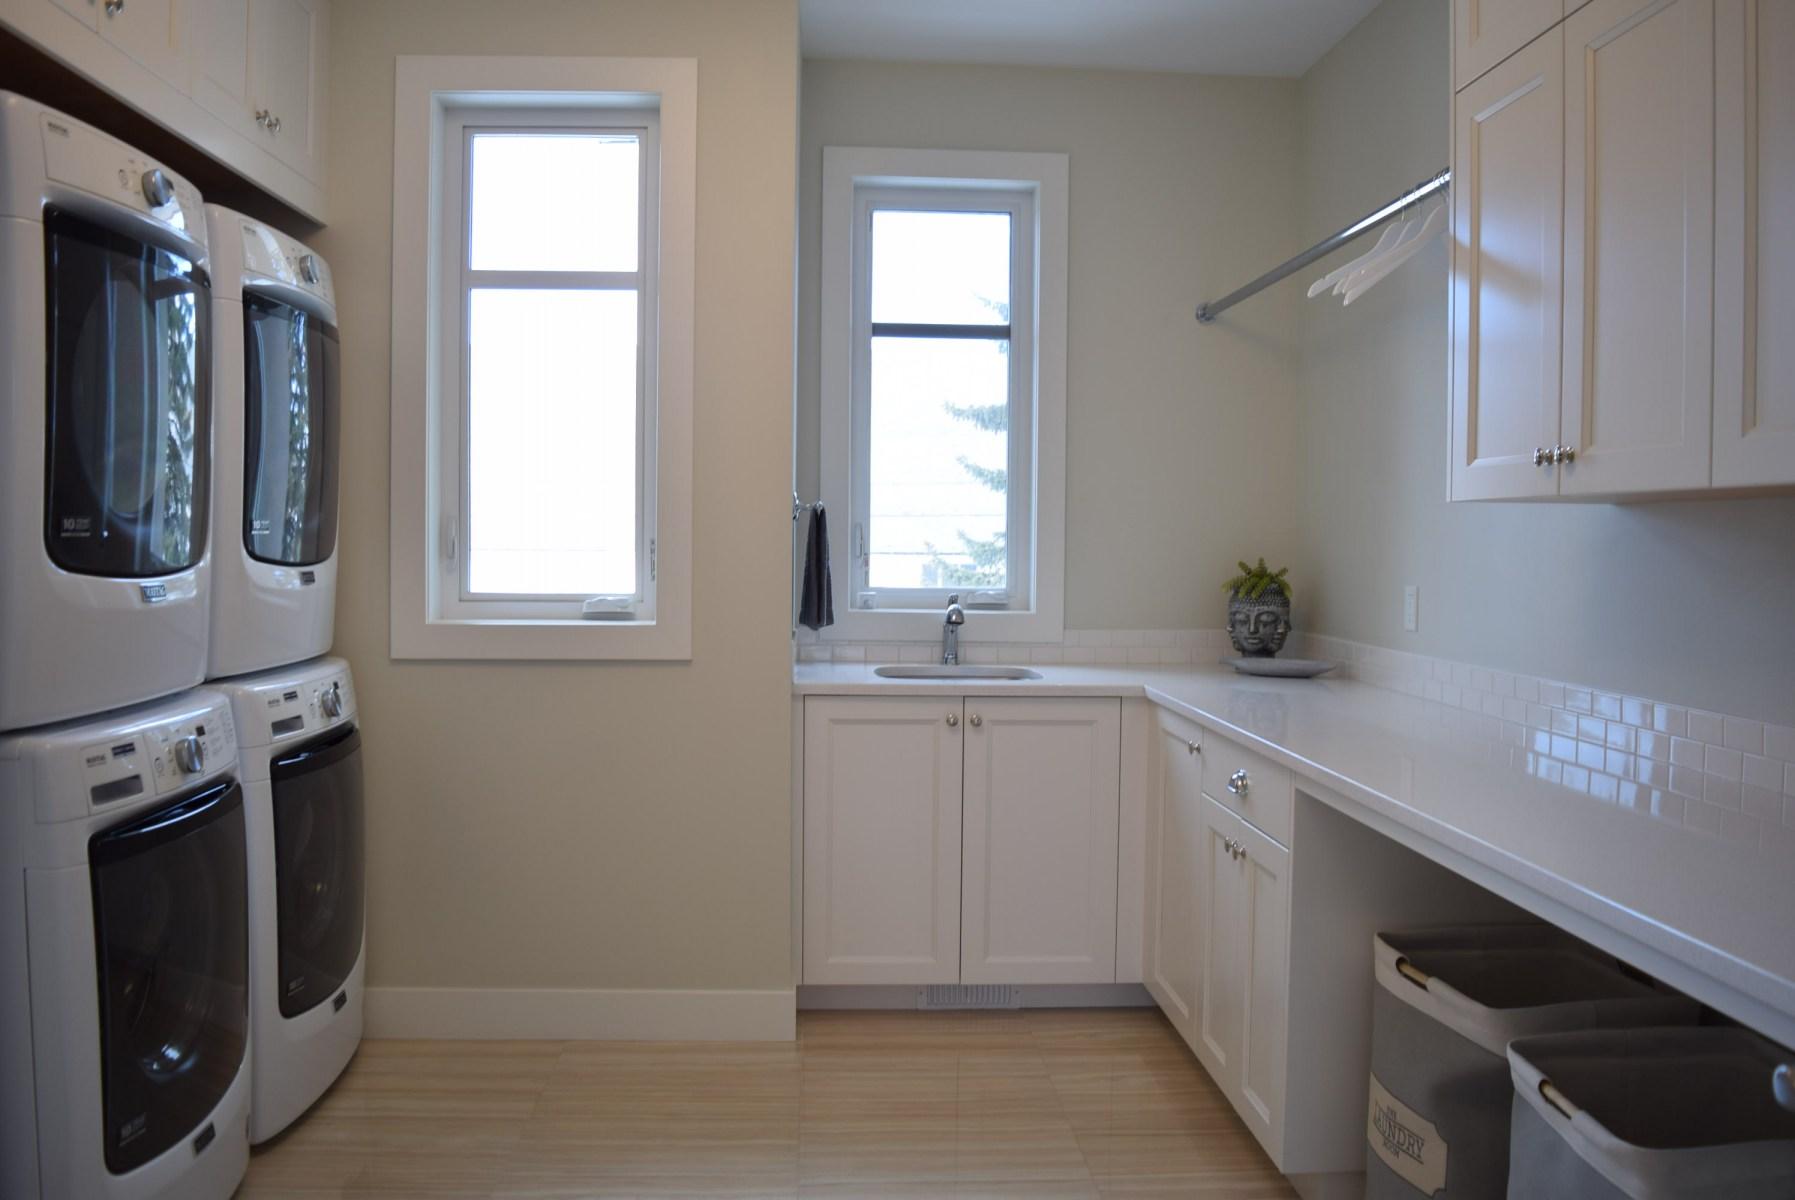 bj-laundry-room-DSC_0719